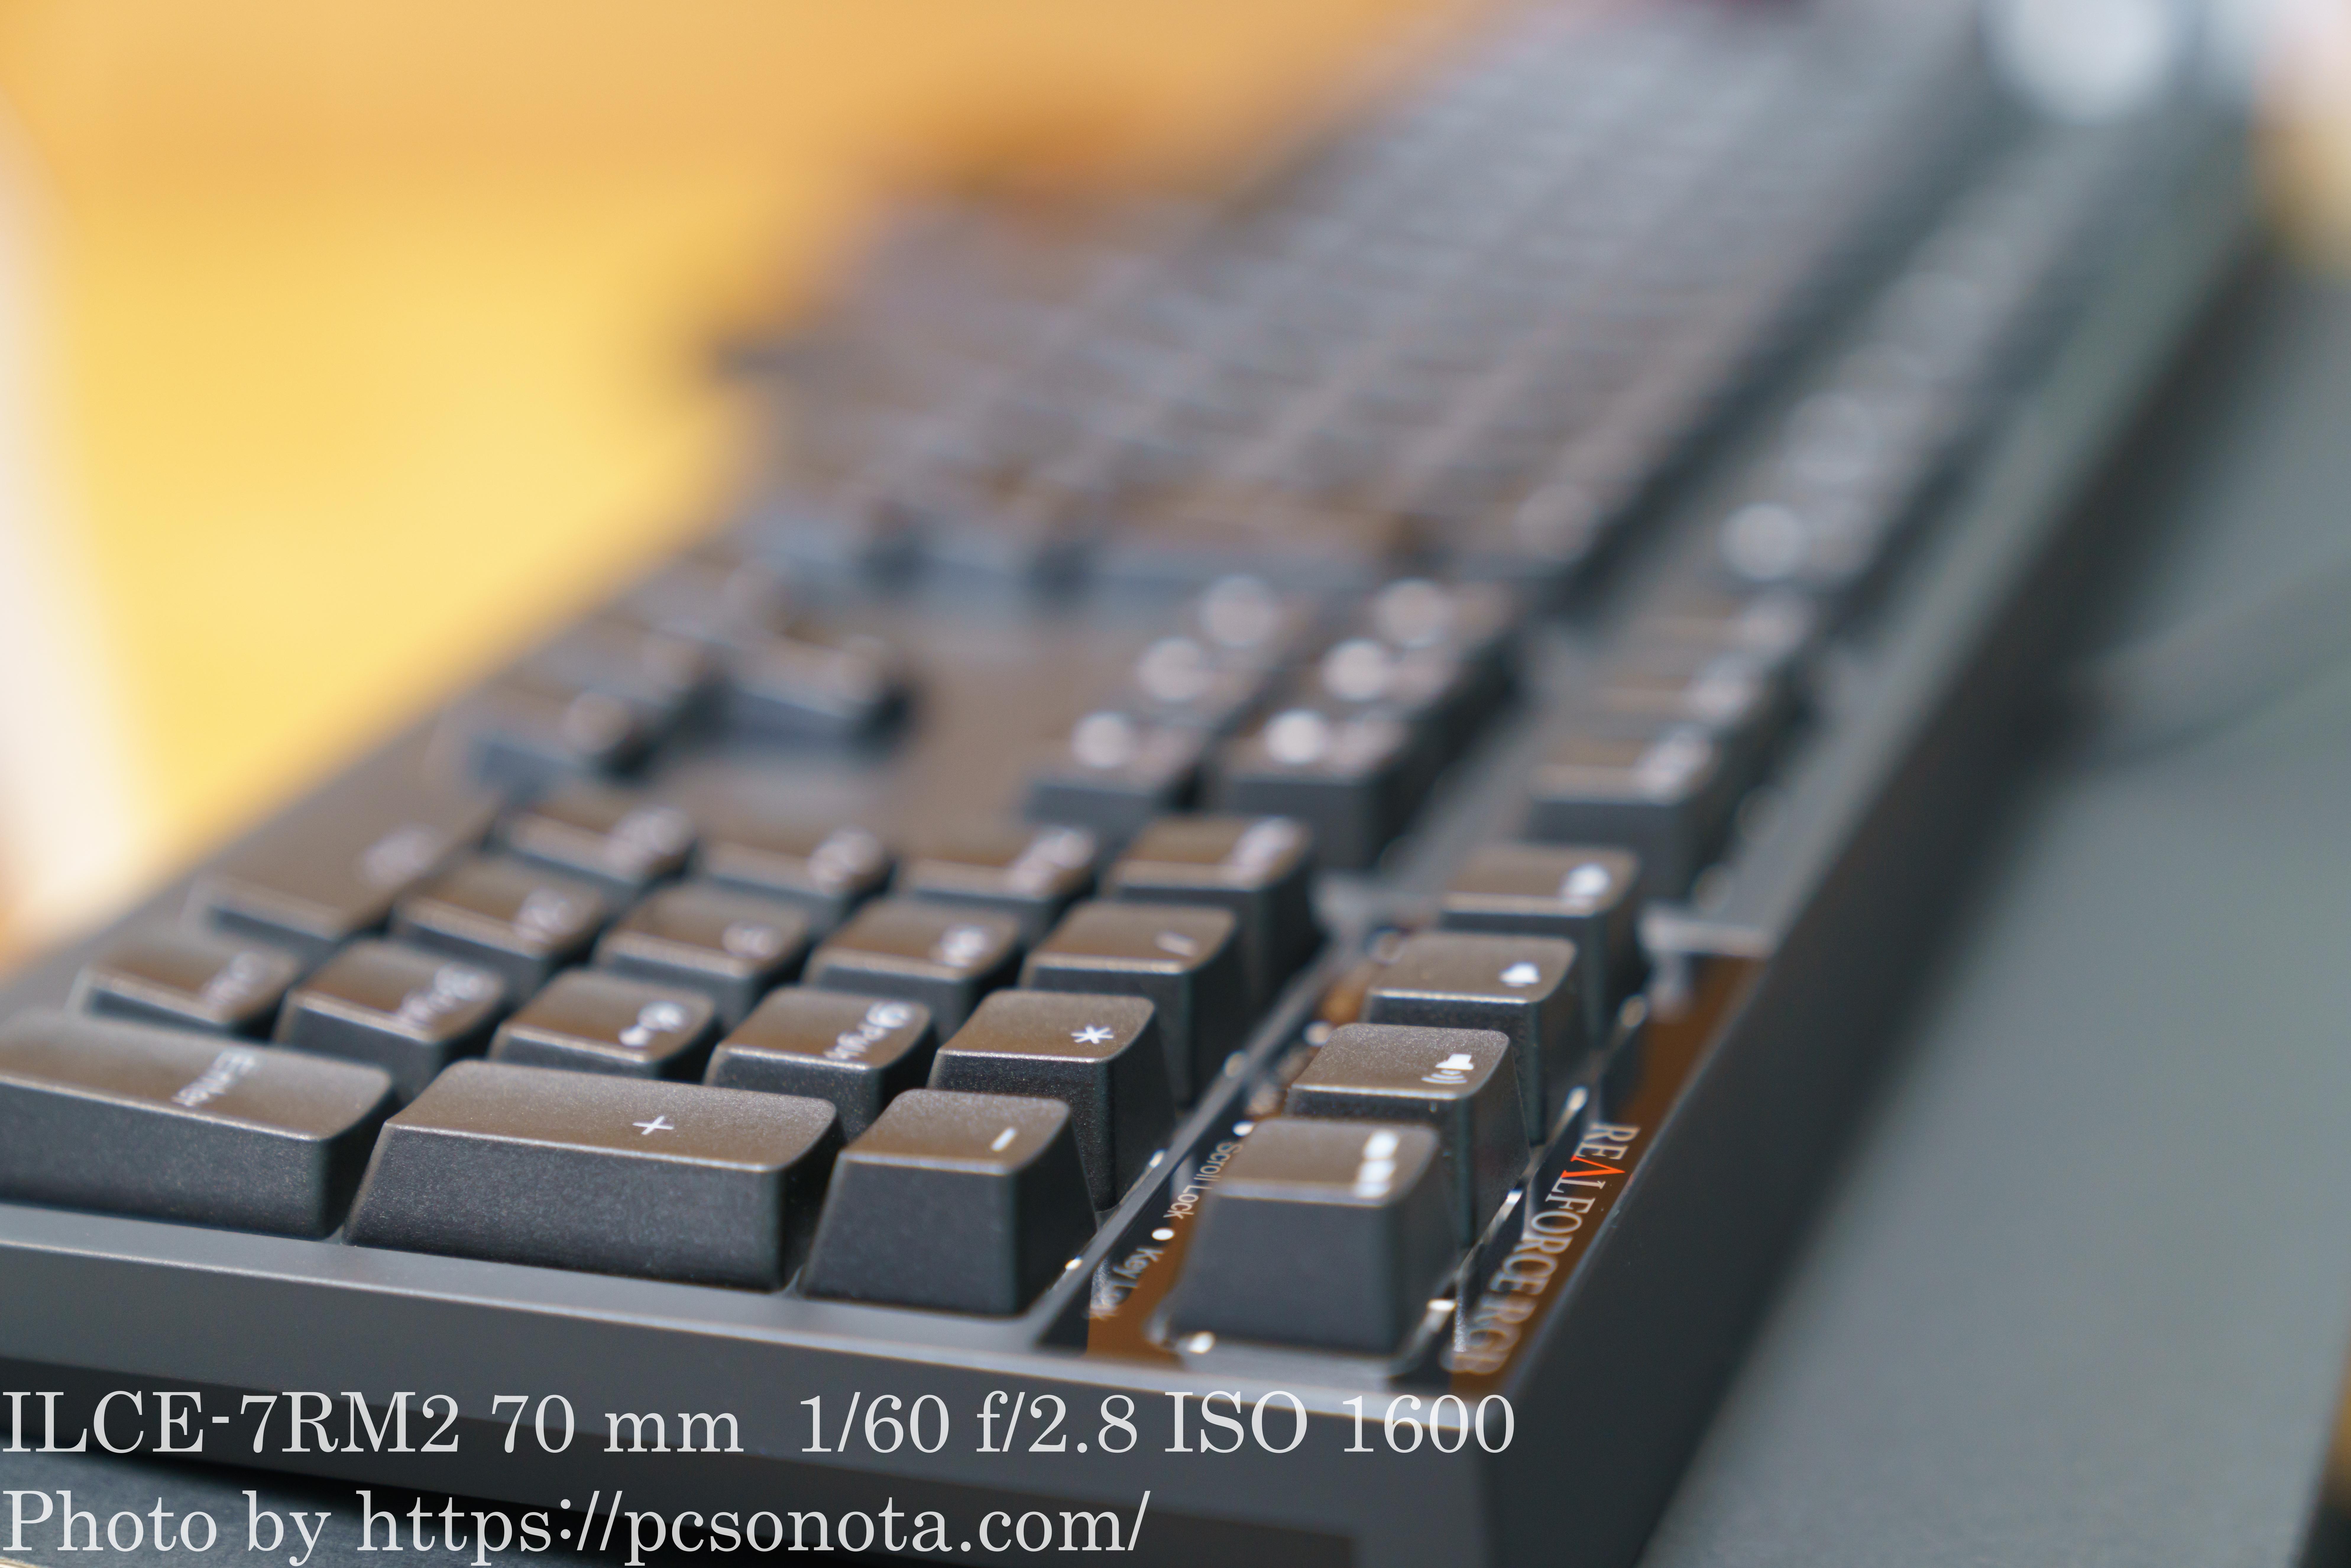 英語配列のキーボードは普通のサラリーマンが使うものではない。プログラマー以外はやめておきましょう。